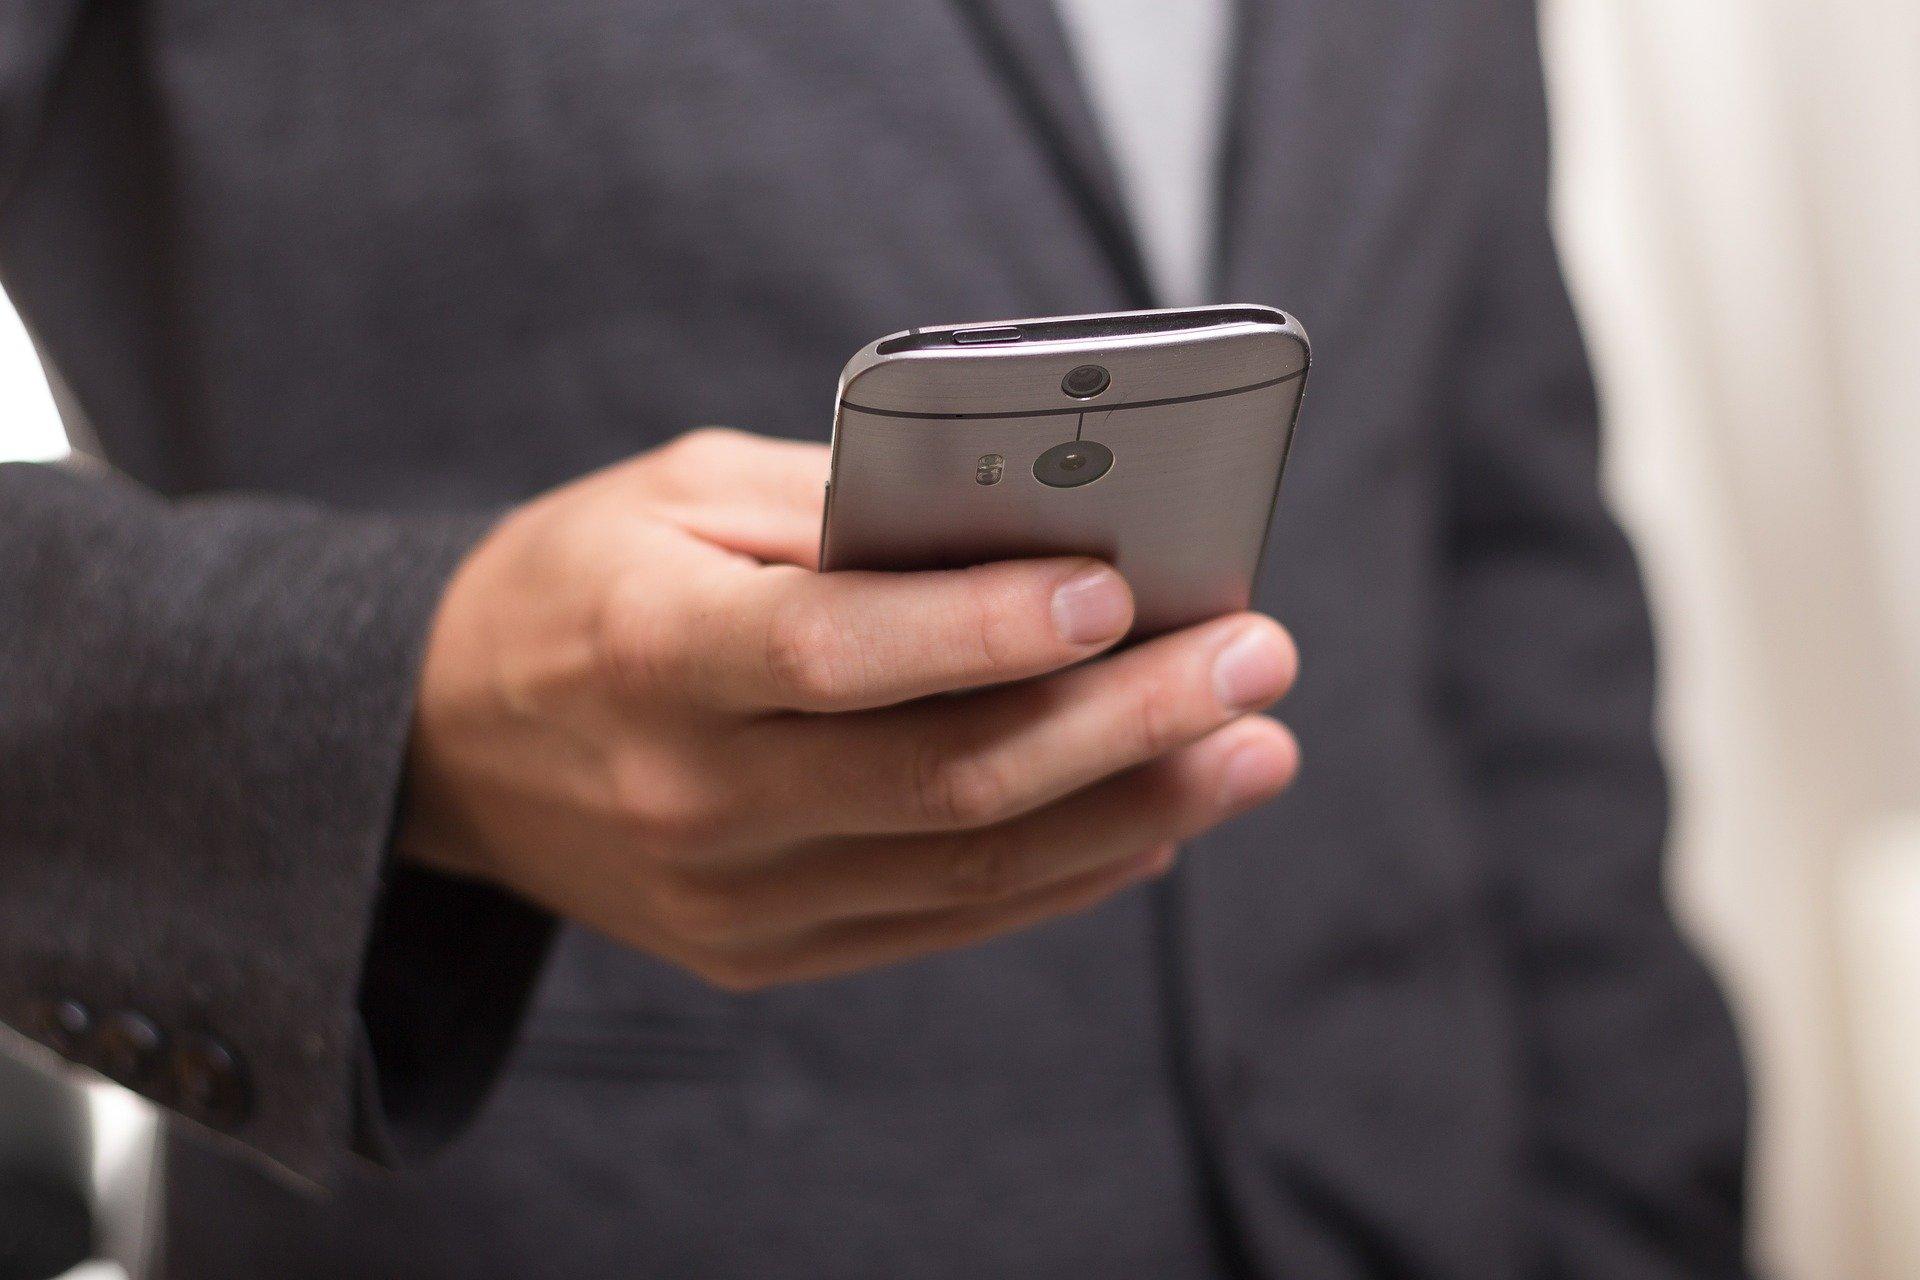 imitazione digitale contagiosa da smartphone